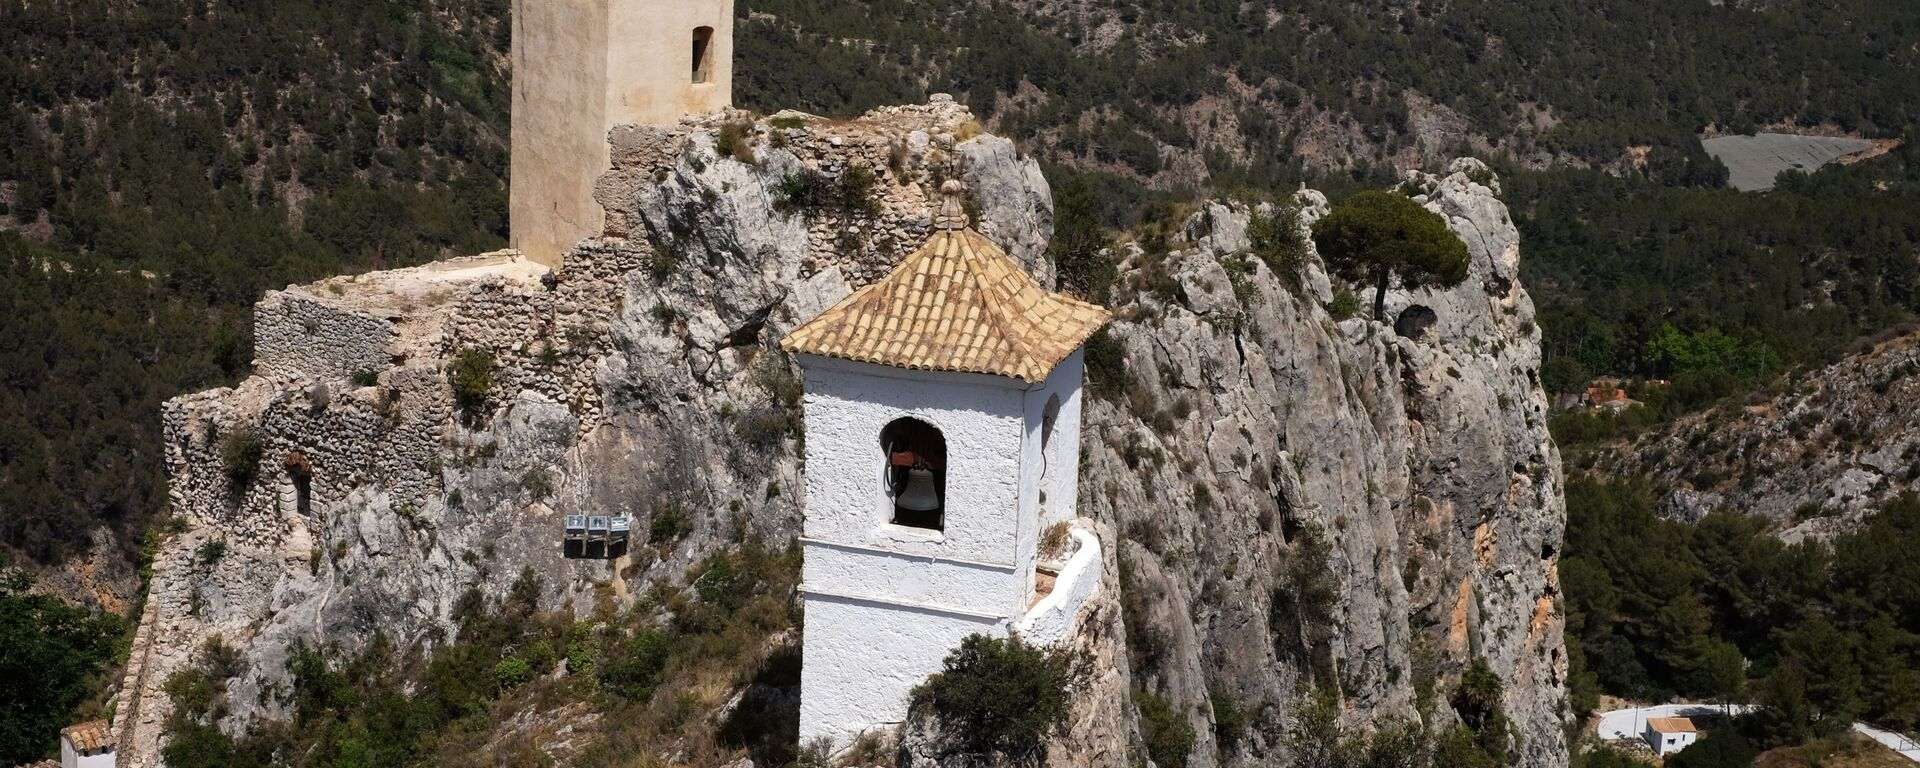 Замок Сан Хосе и крепость Алькосайба в Испании - Sputnik Грузия, 1920, 24.07.2021